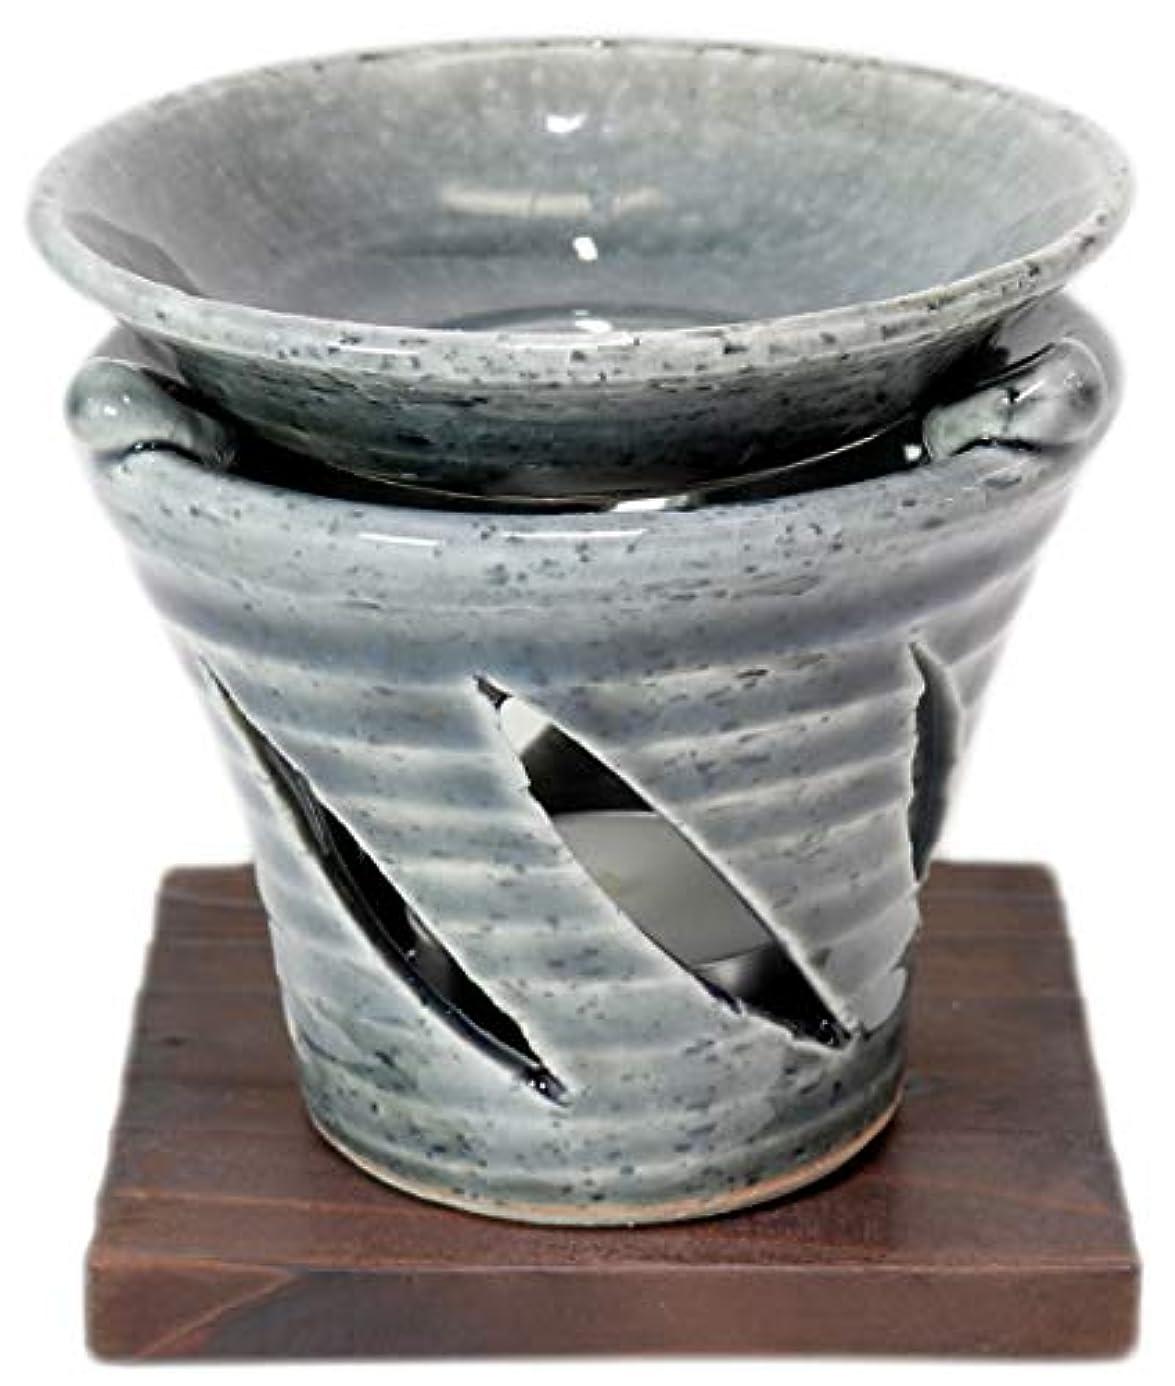 風卑しい凝視香炉 京織部 茶香炉 [R9.5xH9.7cm] HANDMADE プレゼント ギフト 和食器 かわいい インテリア